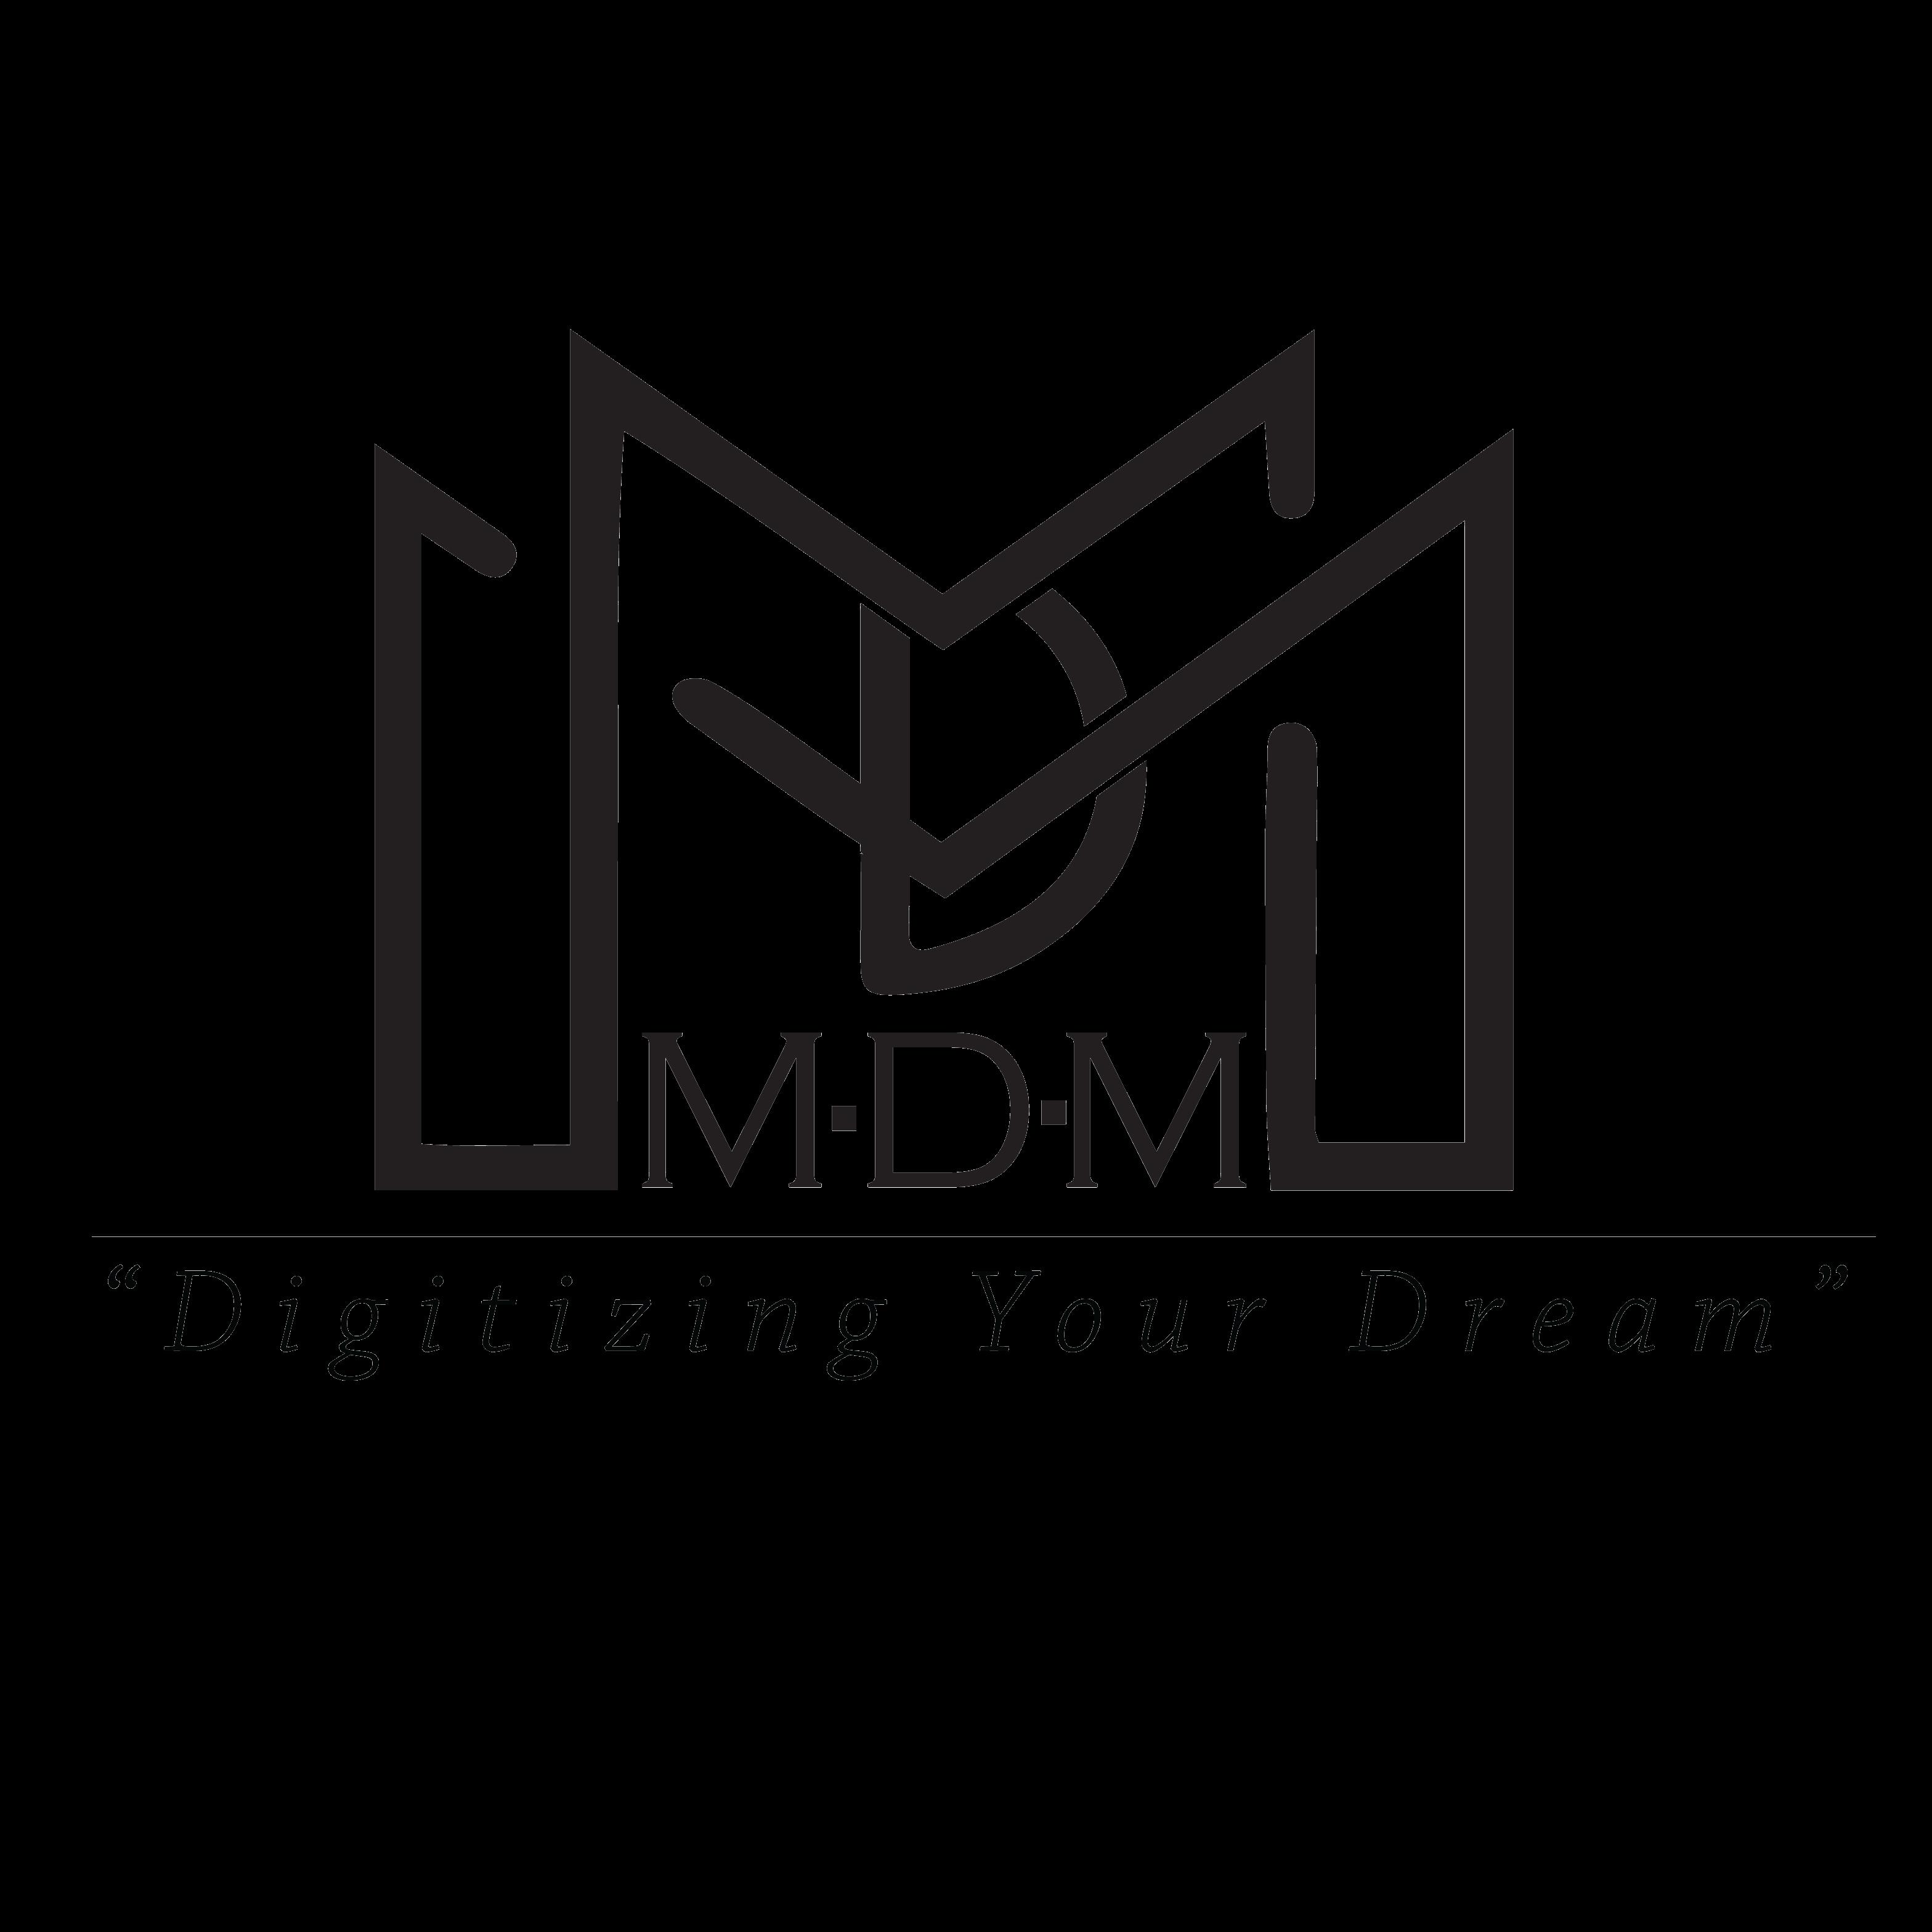 MDMvi